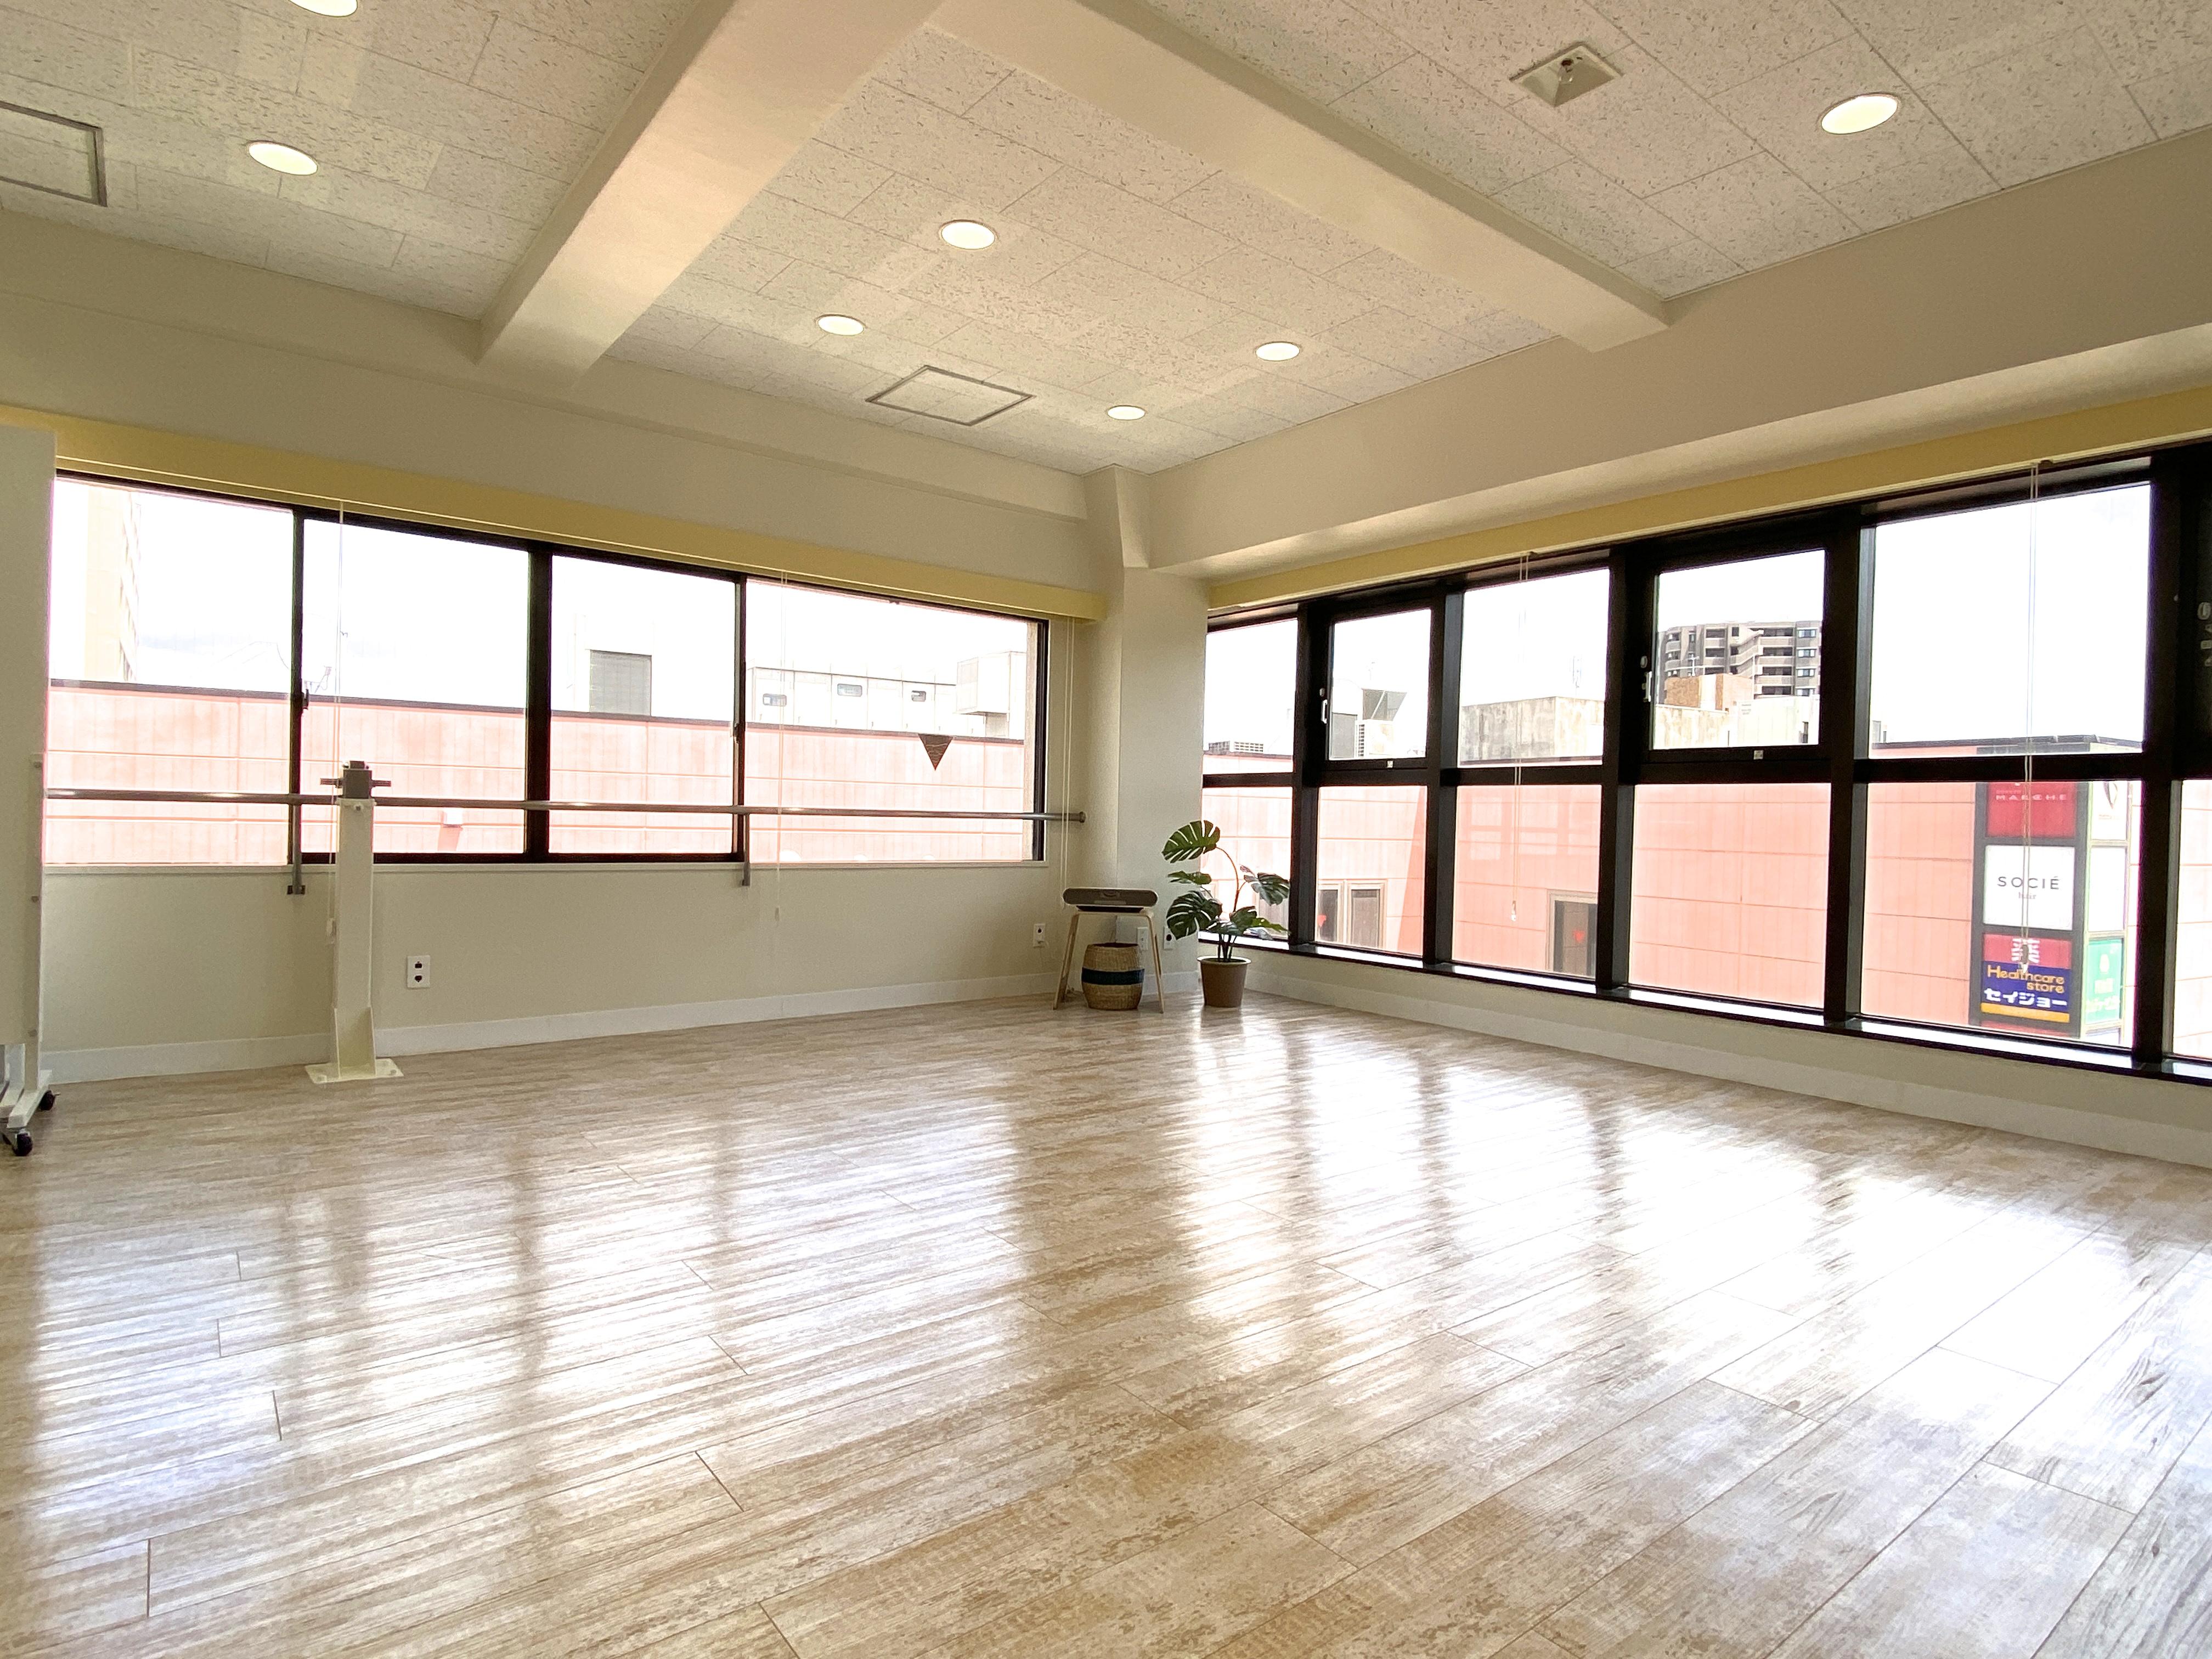 スタジオプシュケ室内写真 - スタジオプシュケ レンタルスタジオの室内の写真